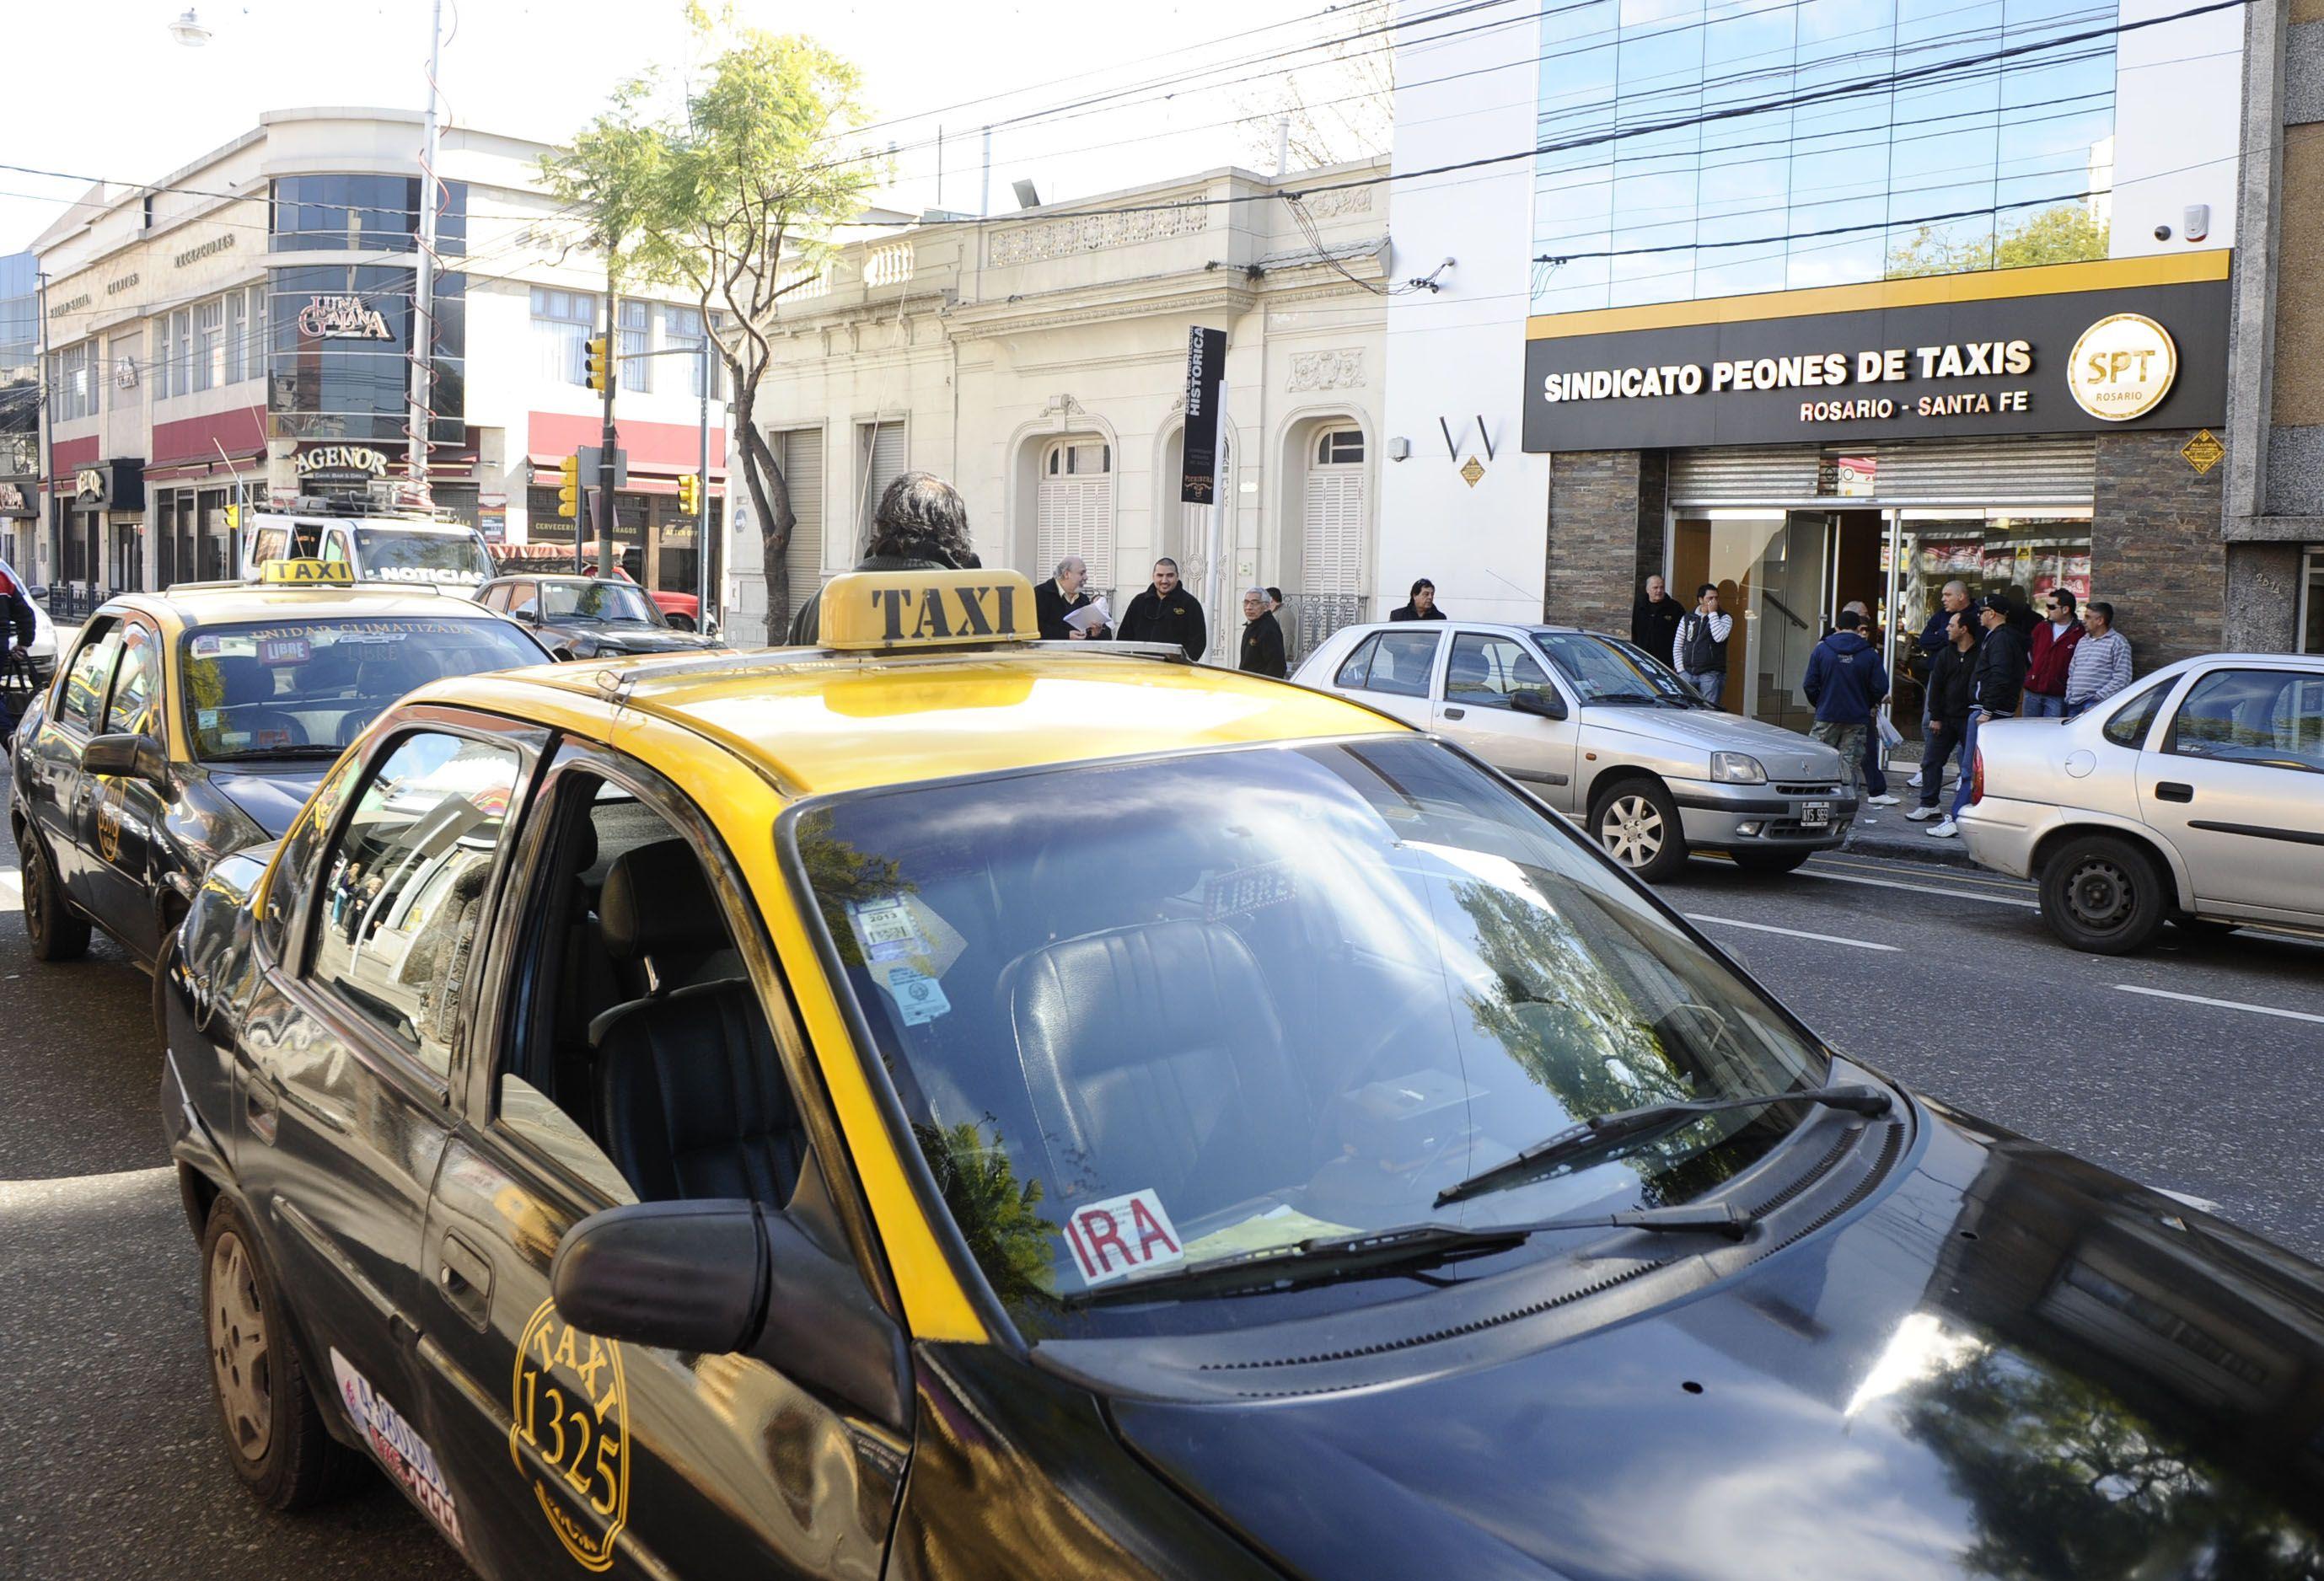 La edil de la UCR María Eugenia Schmuck dijo que hay que avanzar con estás medidas para no resentir el servicio de taxis durante la noche.